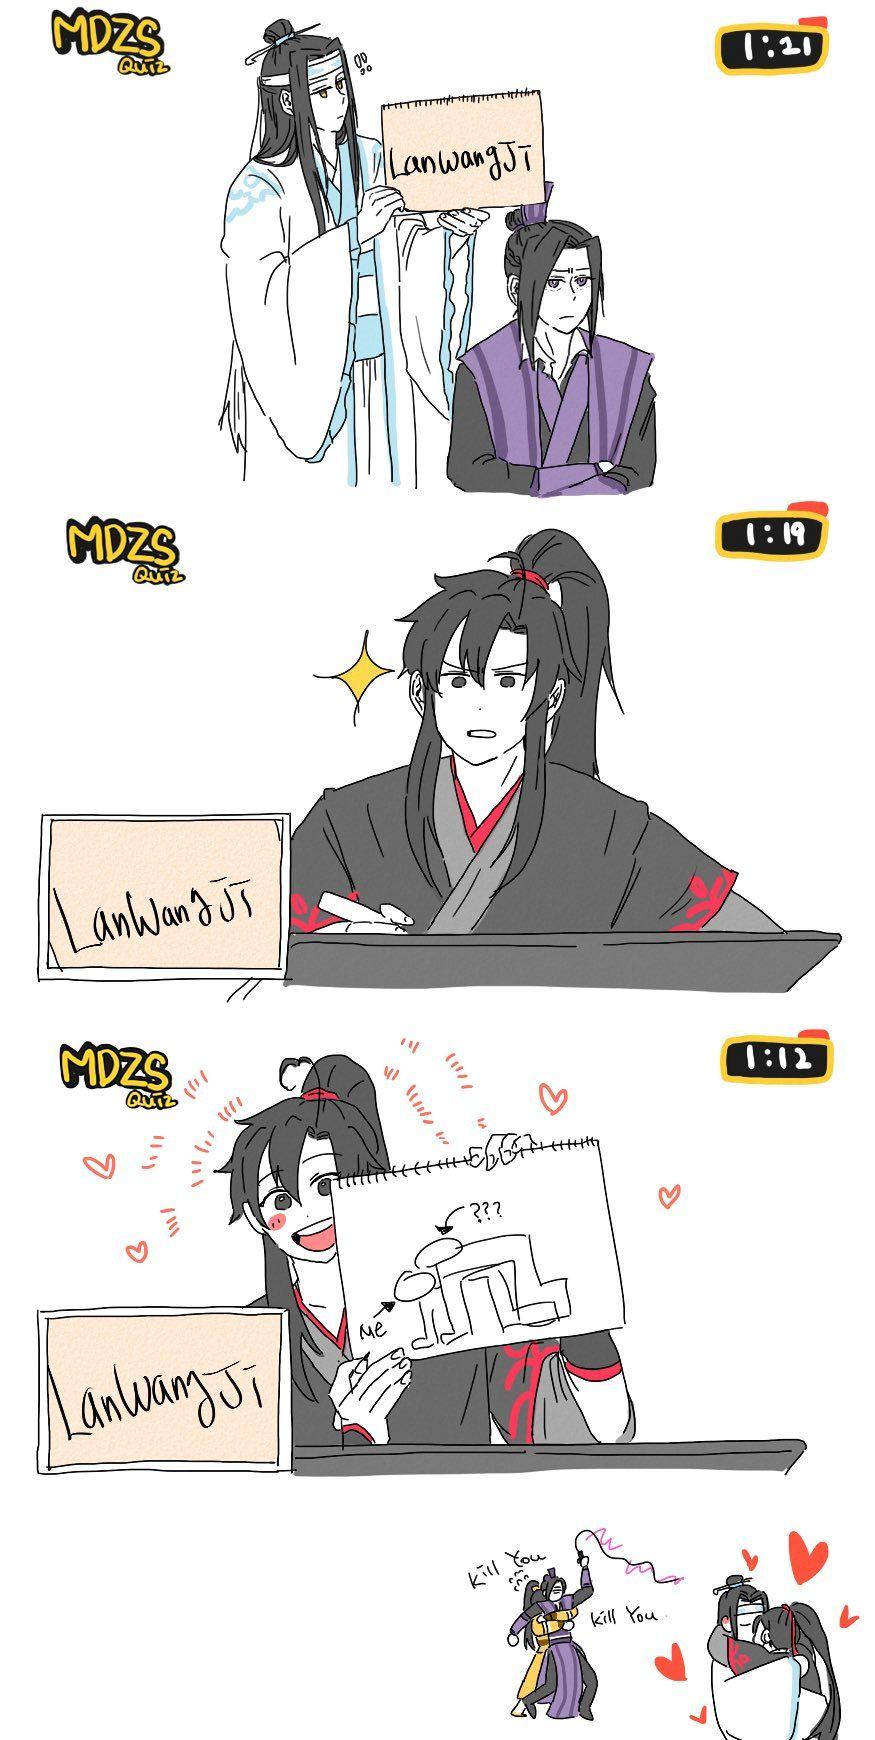 곱창 on Twitter in 2020 Anime funny, Handsome anime, Anime